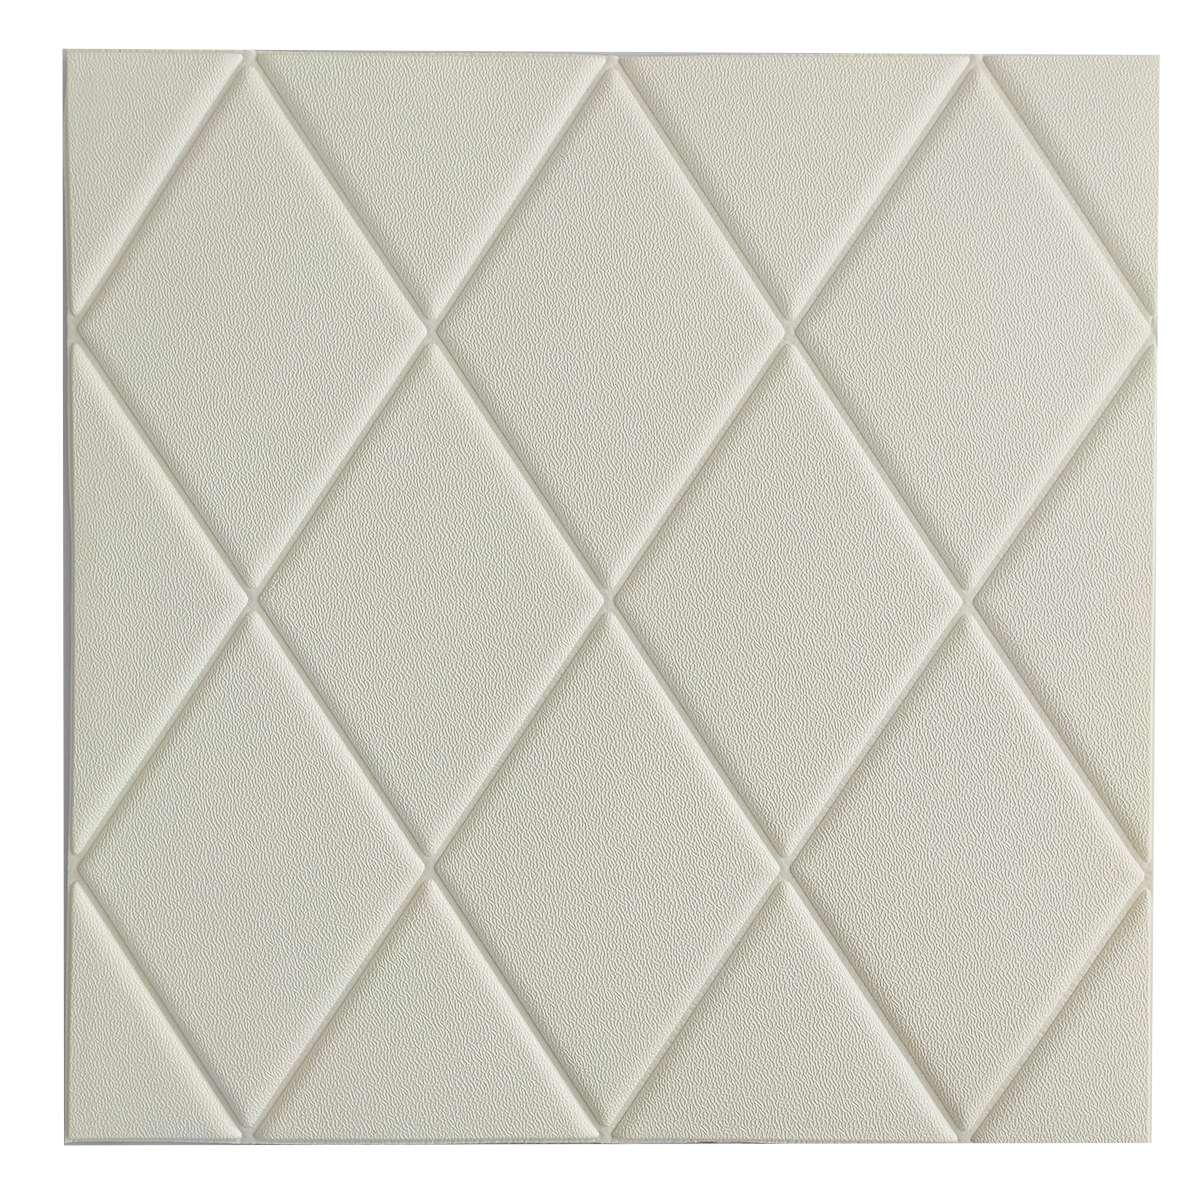 Самоклеющаяся декоративная потолочная 3D панель Треугольник 700x700x8мм